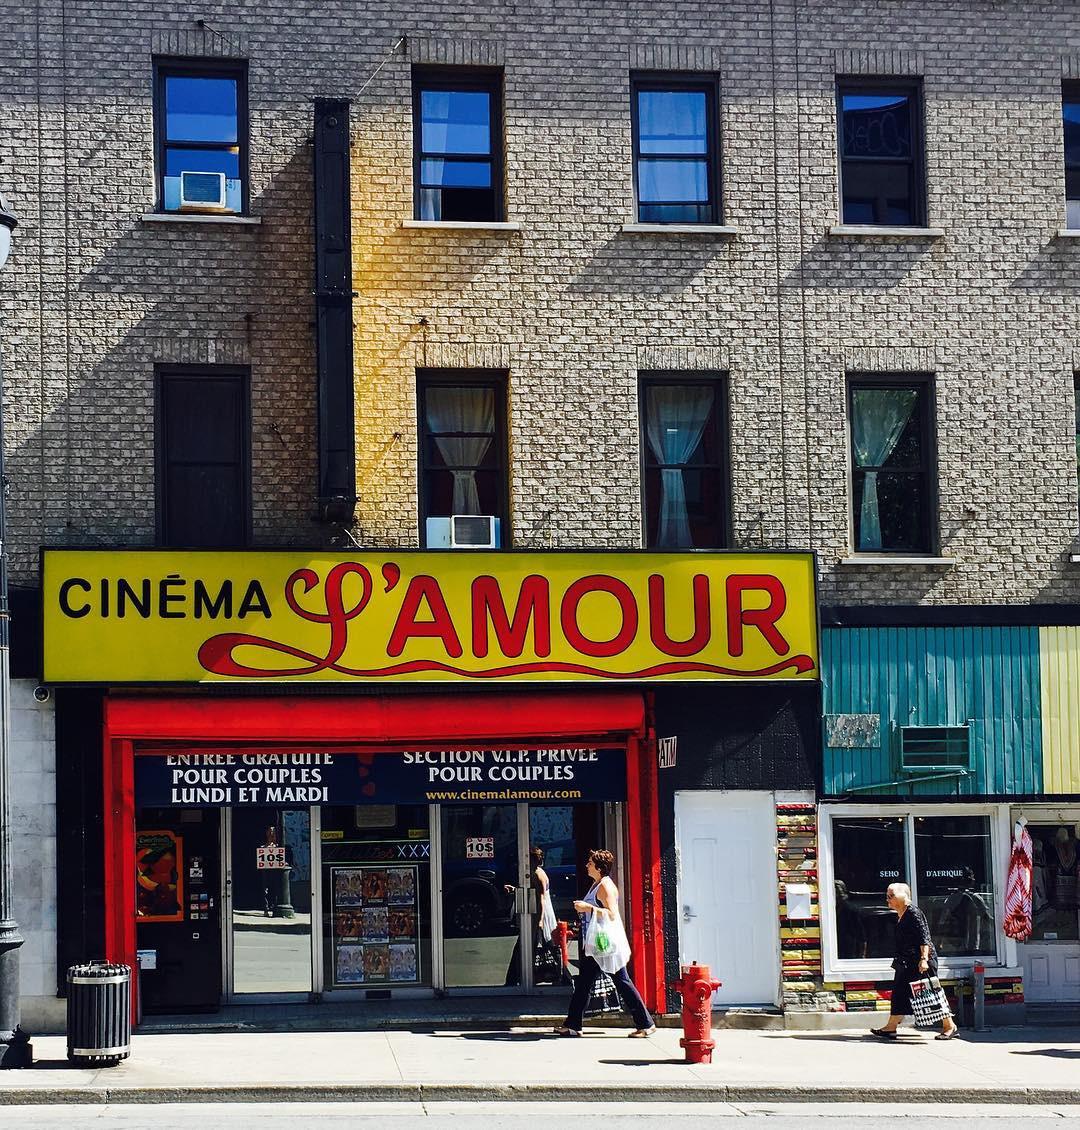 Cinema L'Amour, Montréal, Quebec, Canada. instagram.com/thierrygrouleaud